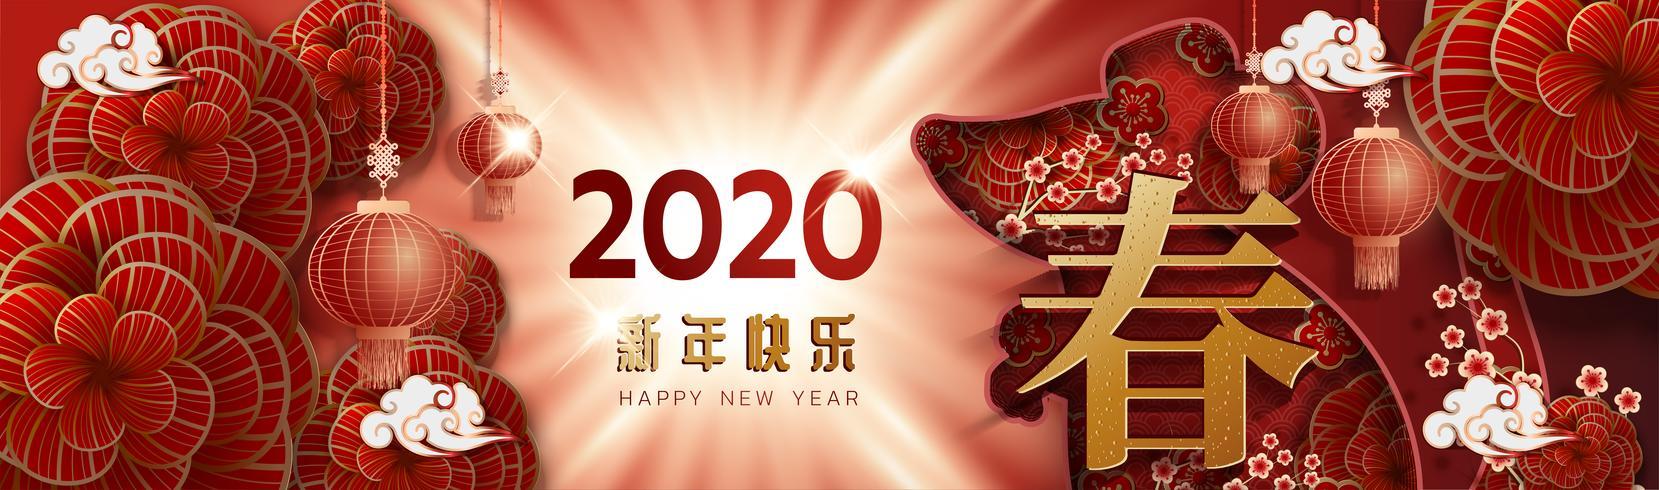 Tarjeta de felicitación de signo del zodiaco del año nuevo chino 2020 vector